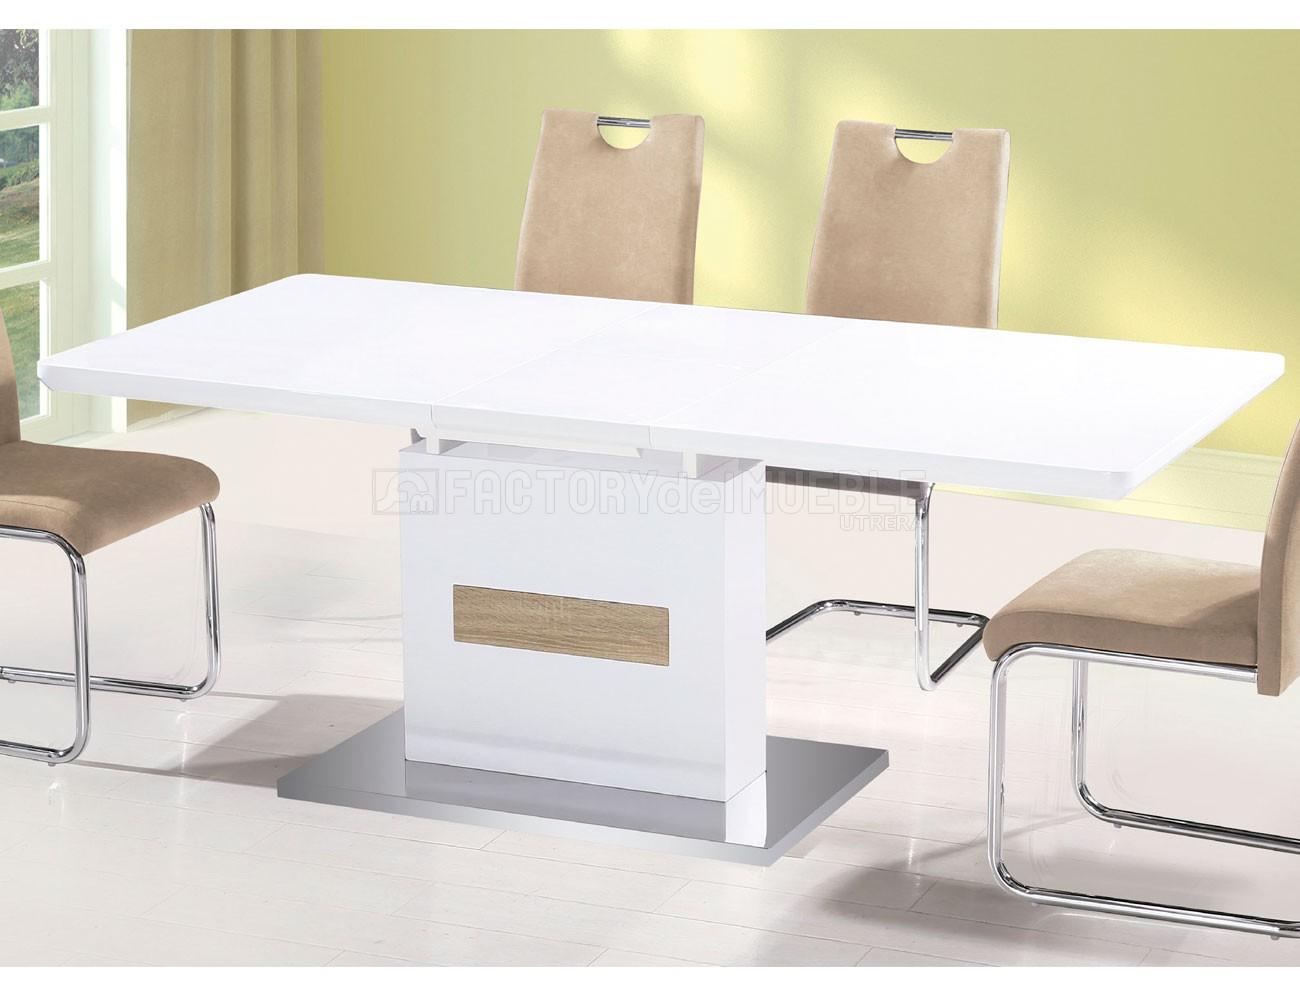 Mesa comedor extensible en blanco lacado con cambrian y for Mesa comedor blanca extensible